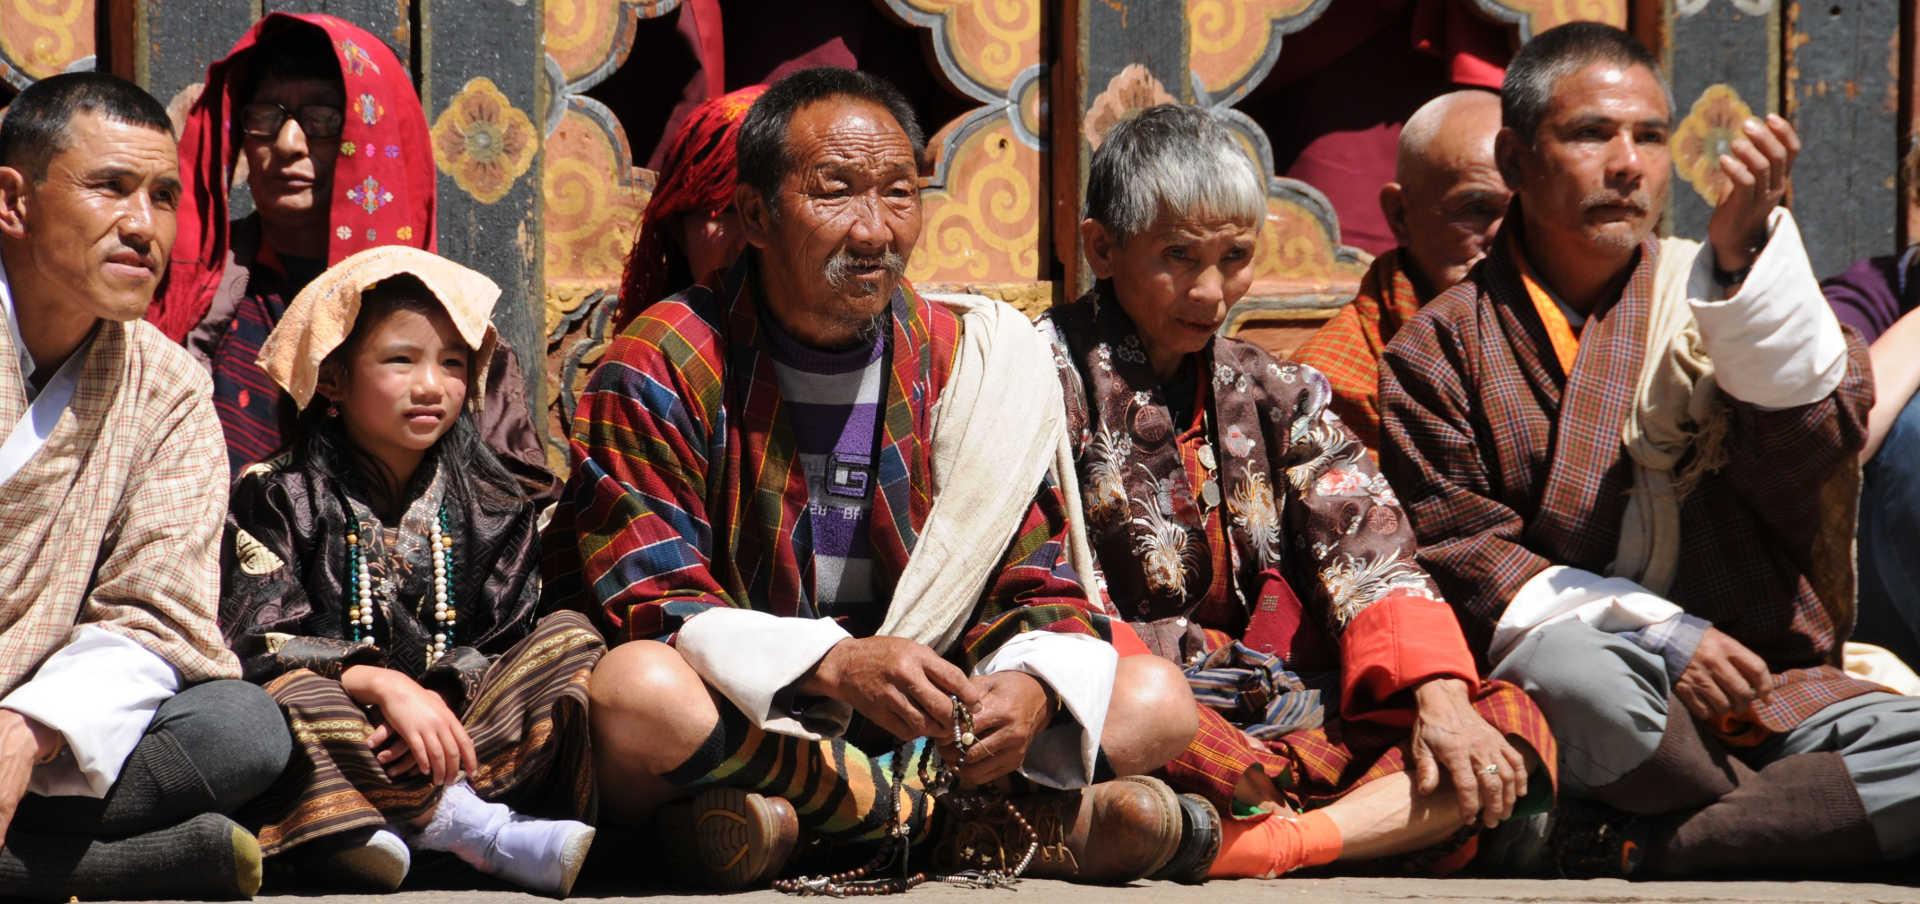 Bhutan Festival 2018